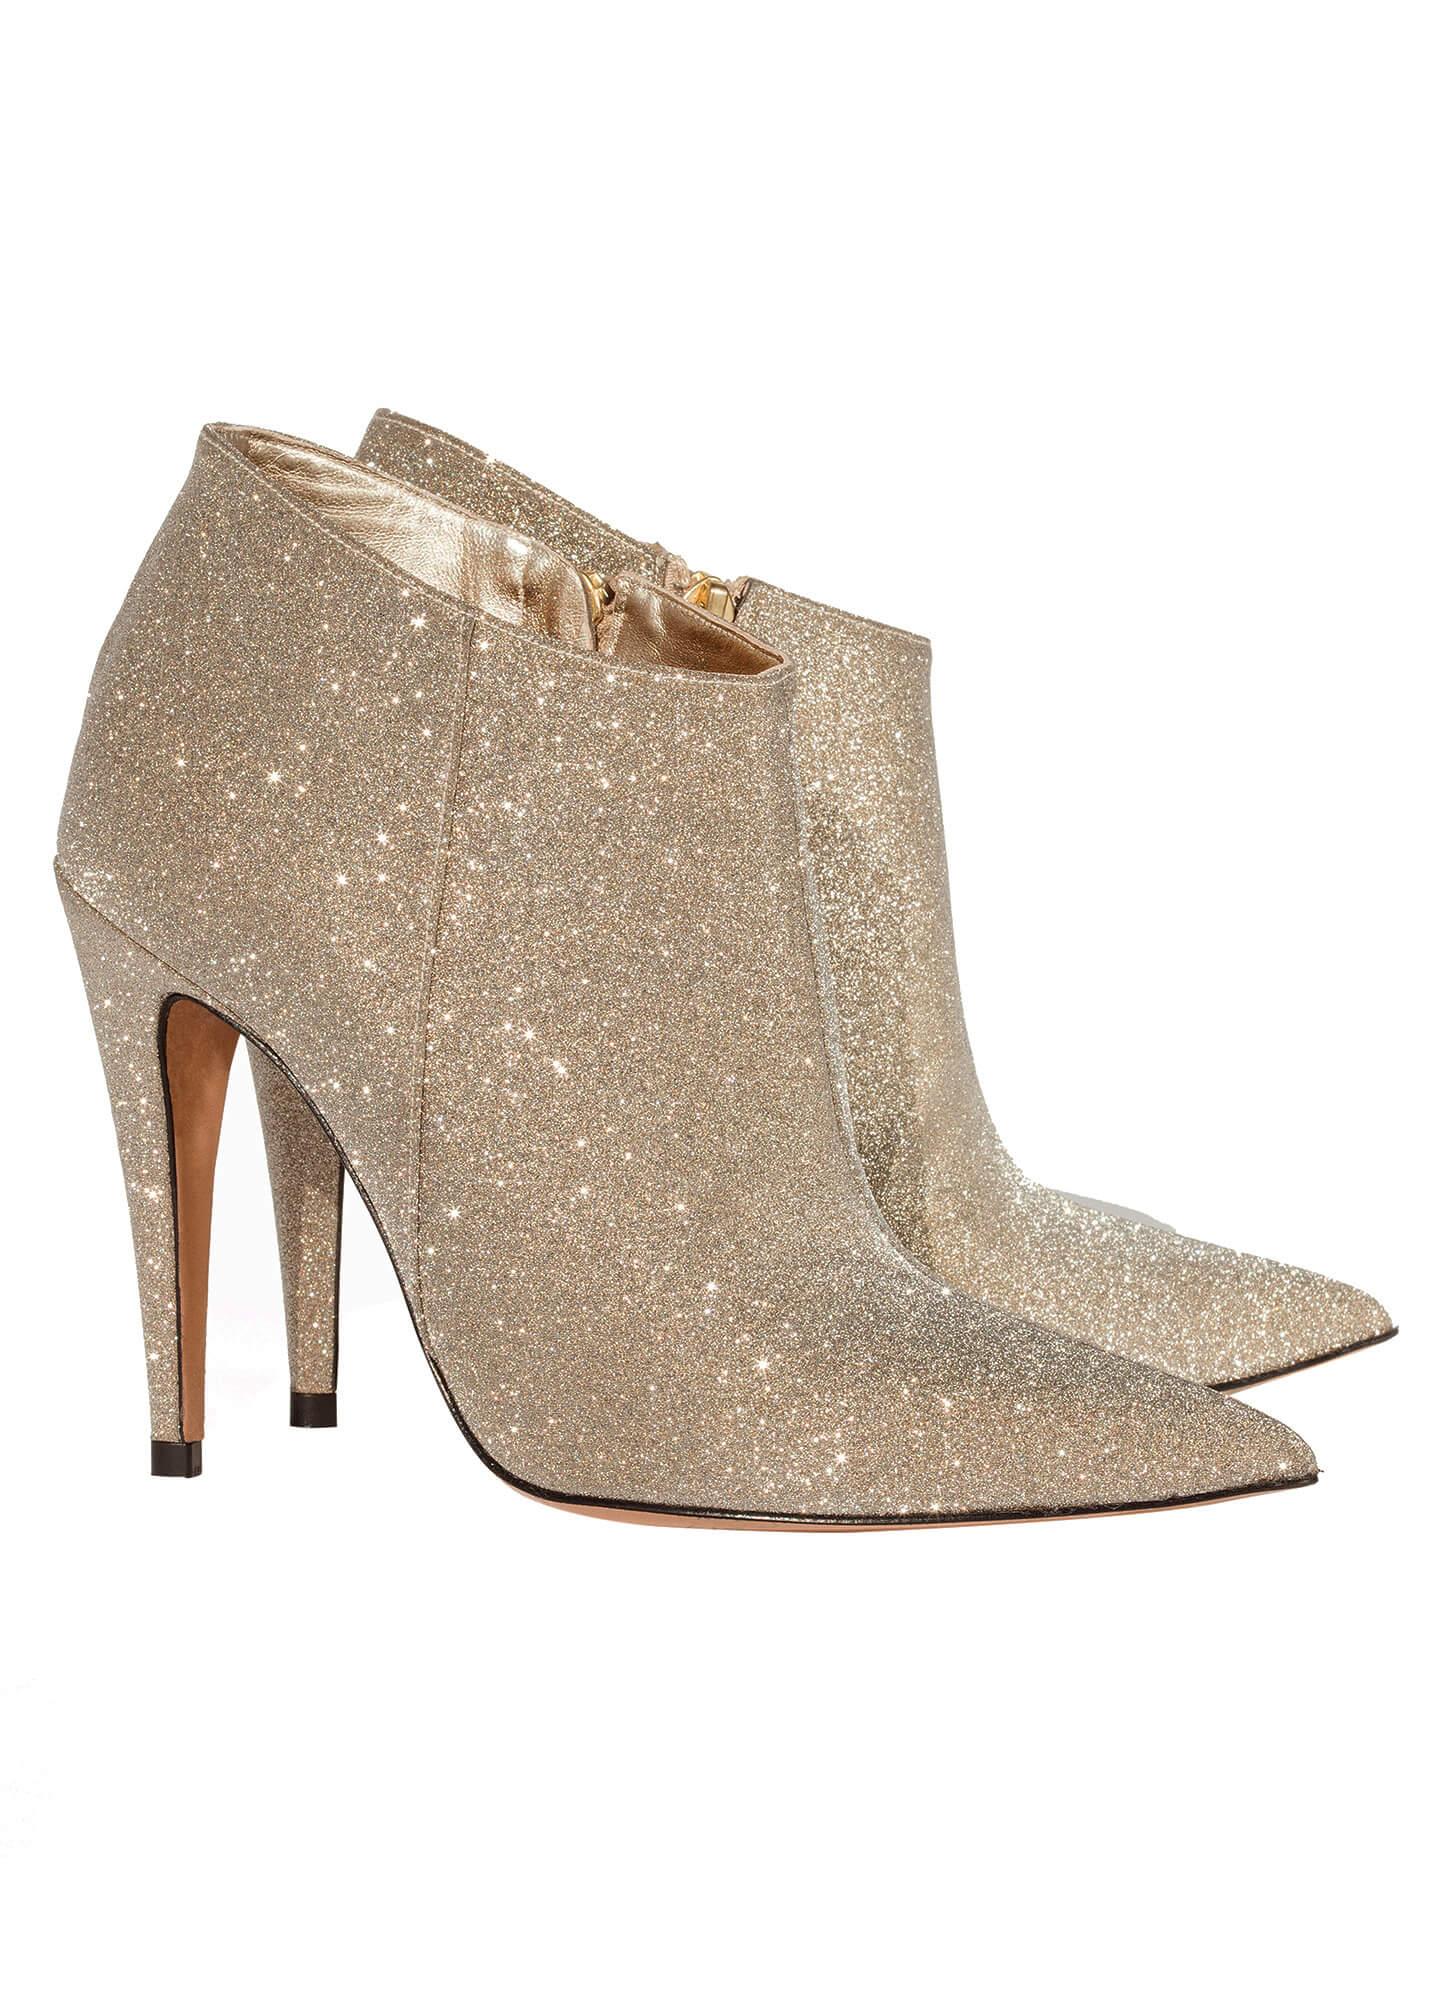 a505c5135518 Platinum high heel ankle boots - online shoe store Pura Lopez . PURA ...